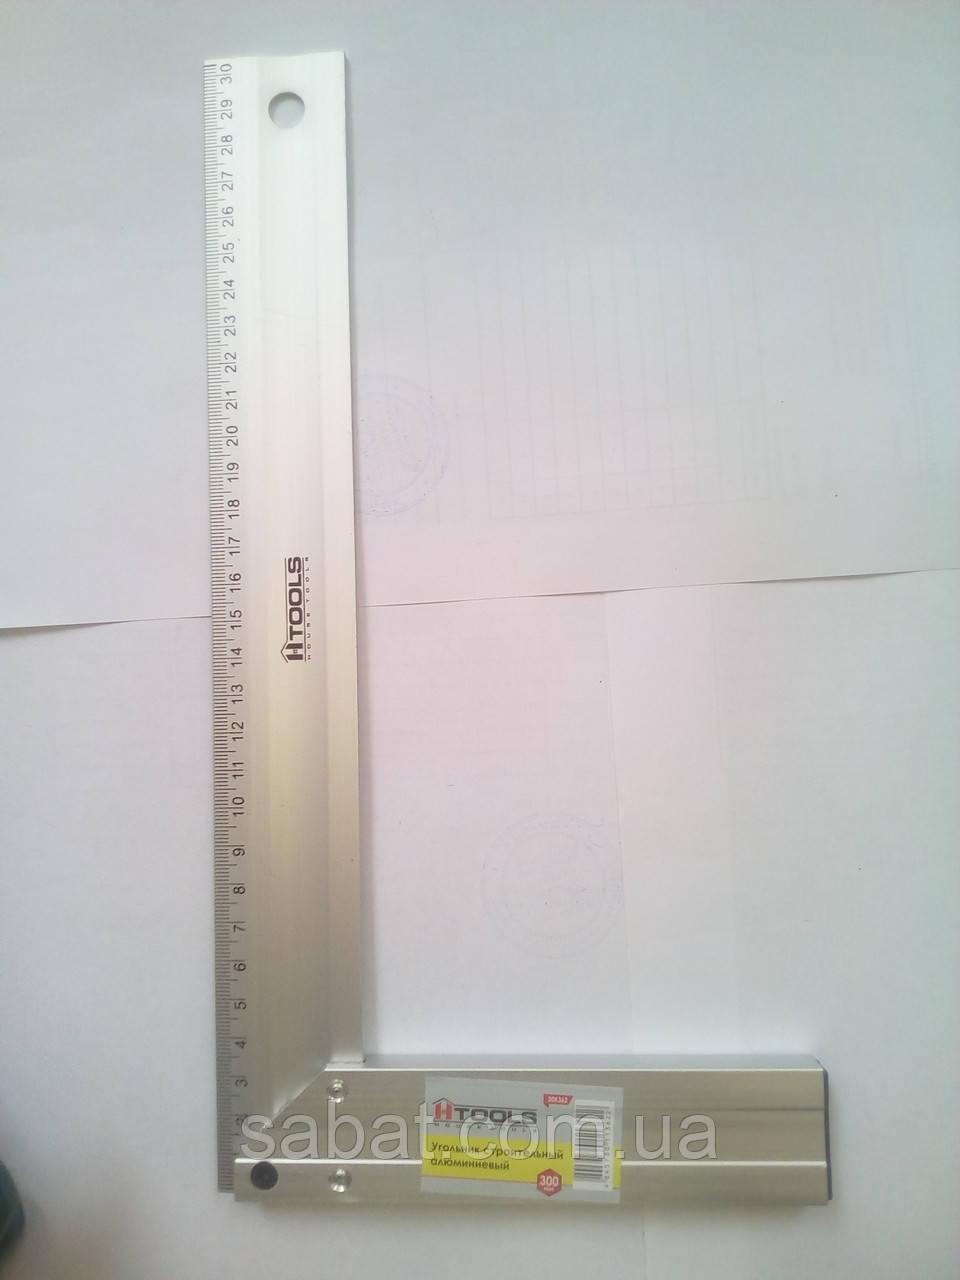 Уголок строительный алюминиевый 30см